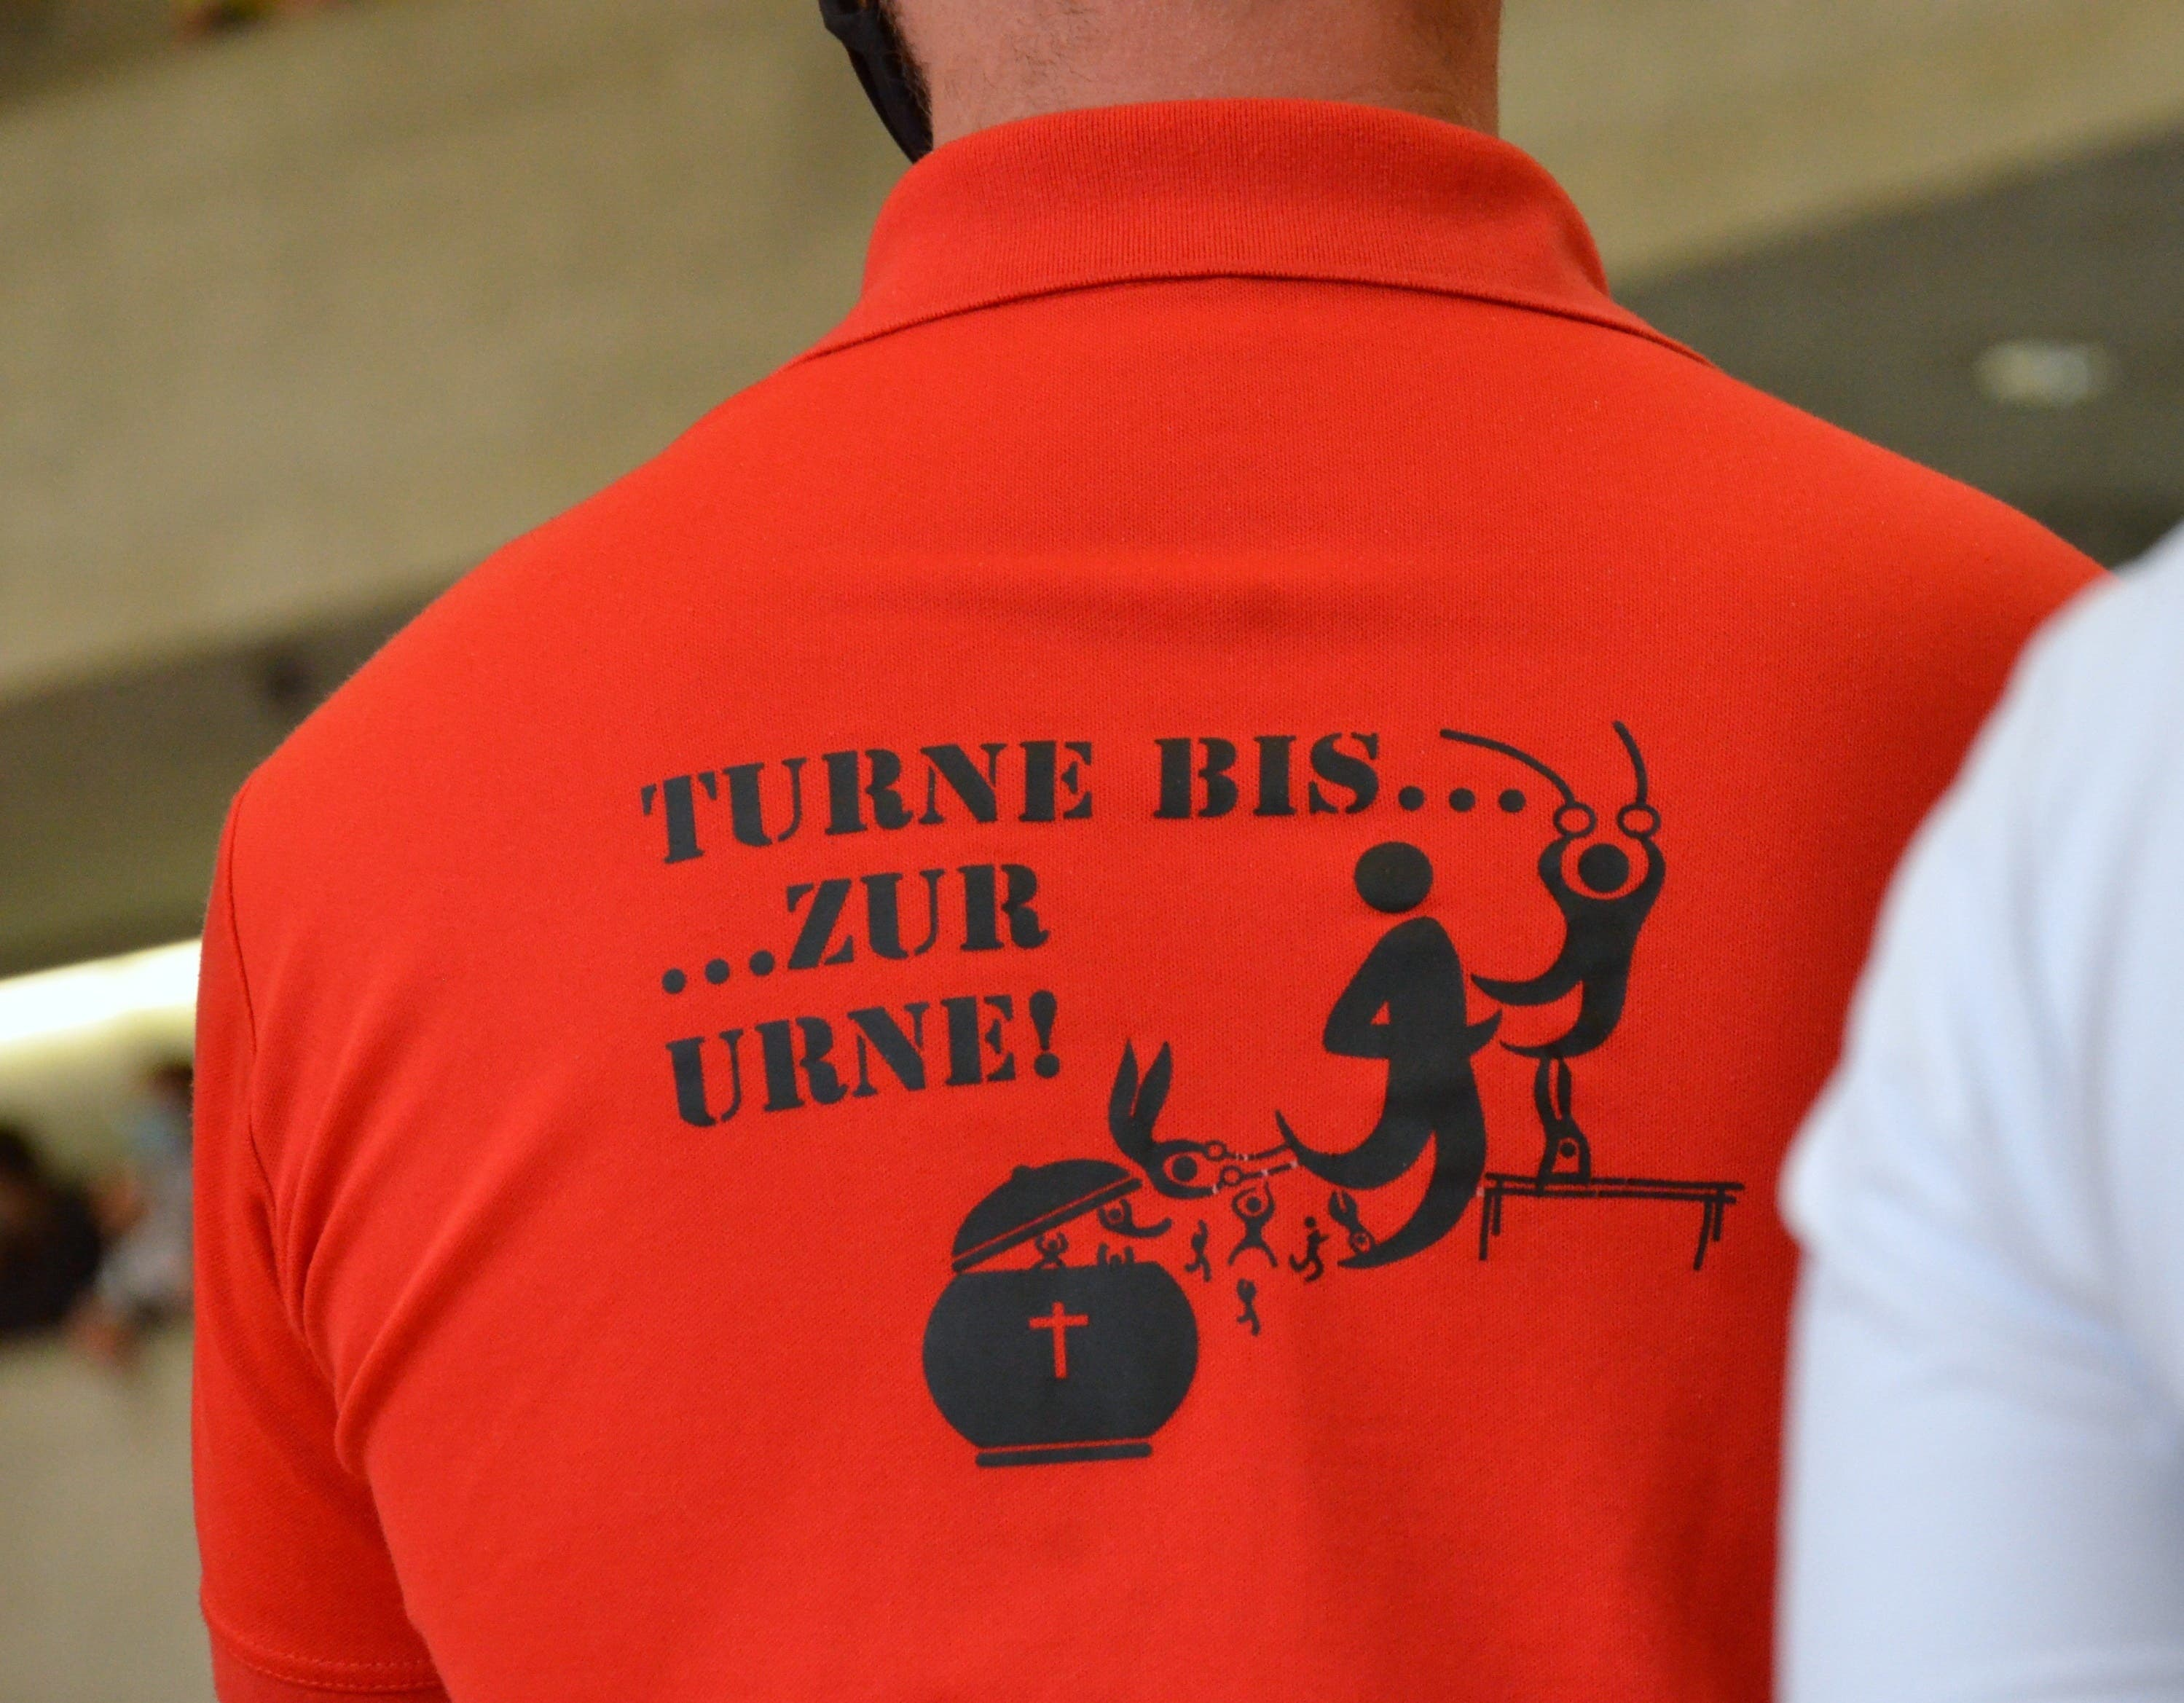 Rund 700 Turnerinnen und Turner nahmen am Wochenende an den St.Galler Kantonalmeisterschaften im Geräteturnen teil.